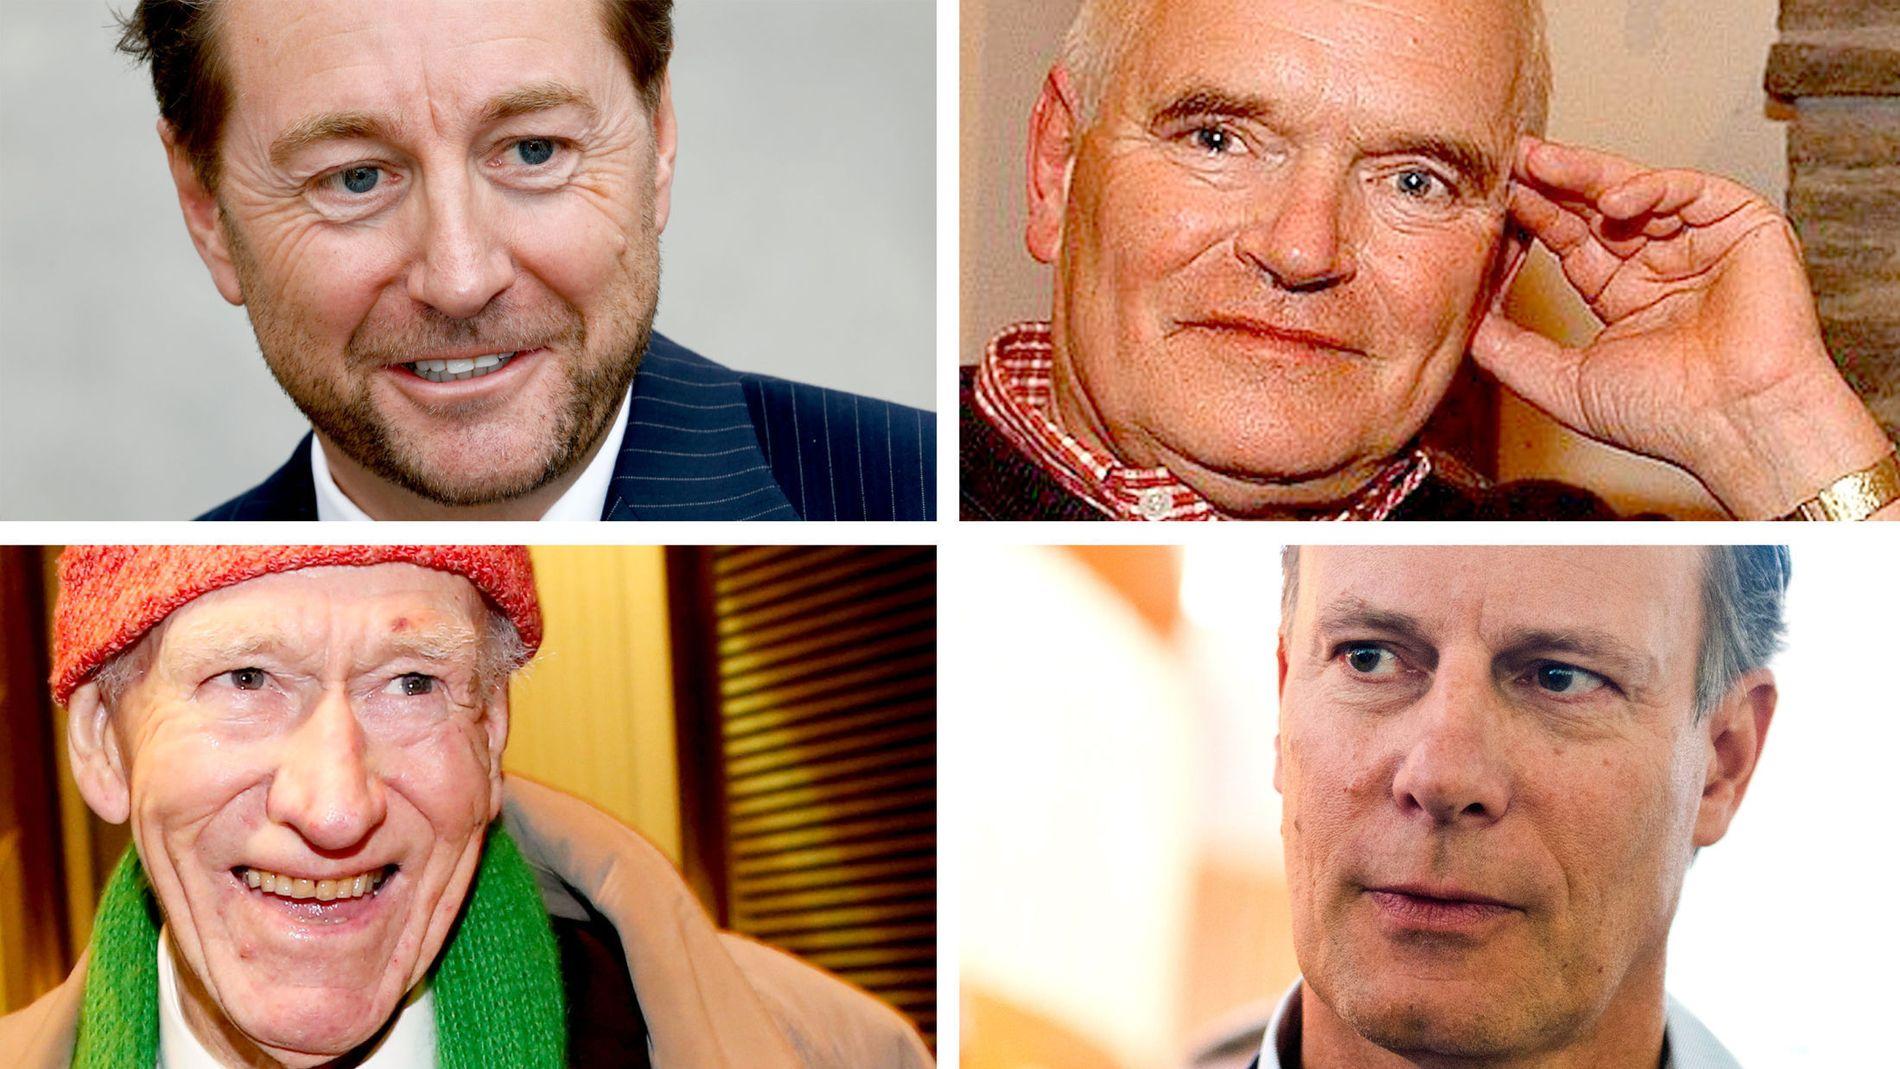 RIKINGENE PÅ TOPPEN: Nok en gang toppes listen over Norges rikeste av disse fire herrene. Kjell Inge Røkke, Trond Mohn, Olav Thon og Johan H. Andresen har en samlet ligningsformue på 29,6 milliarder kroner.